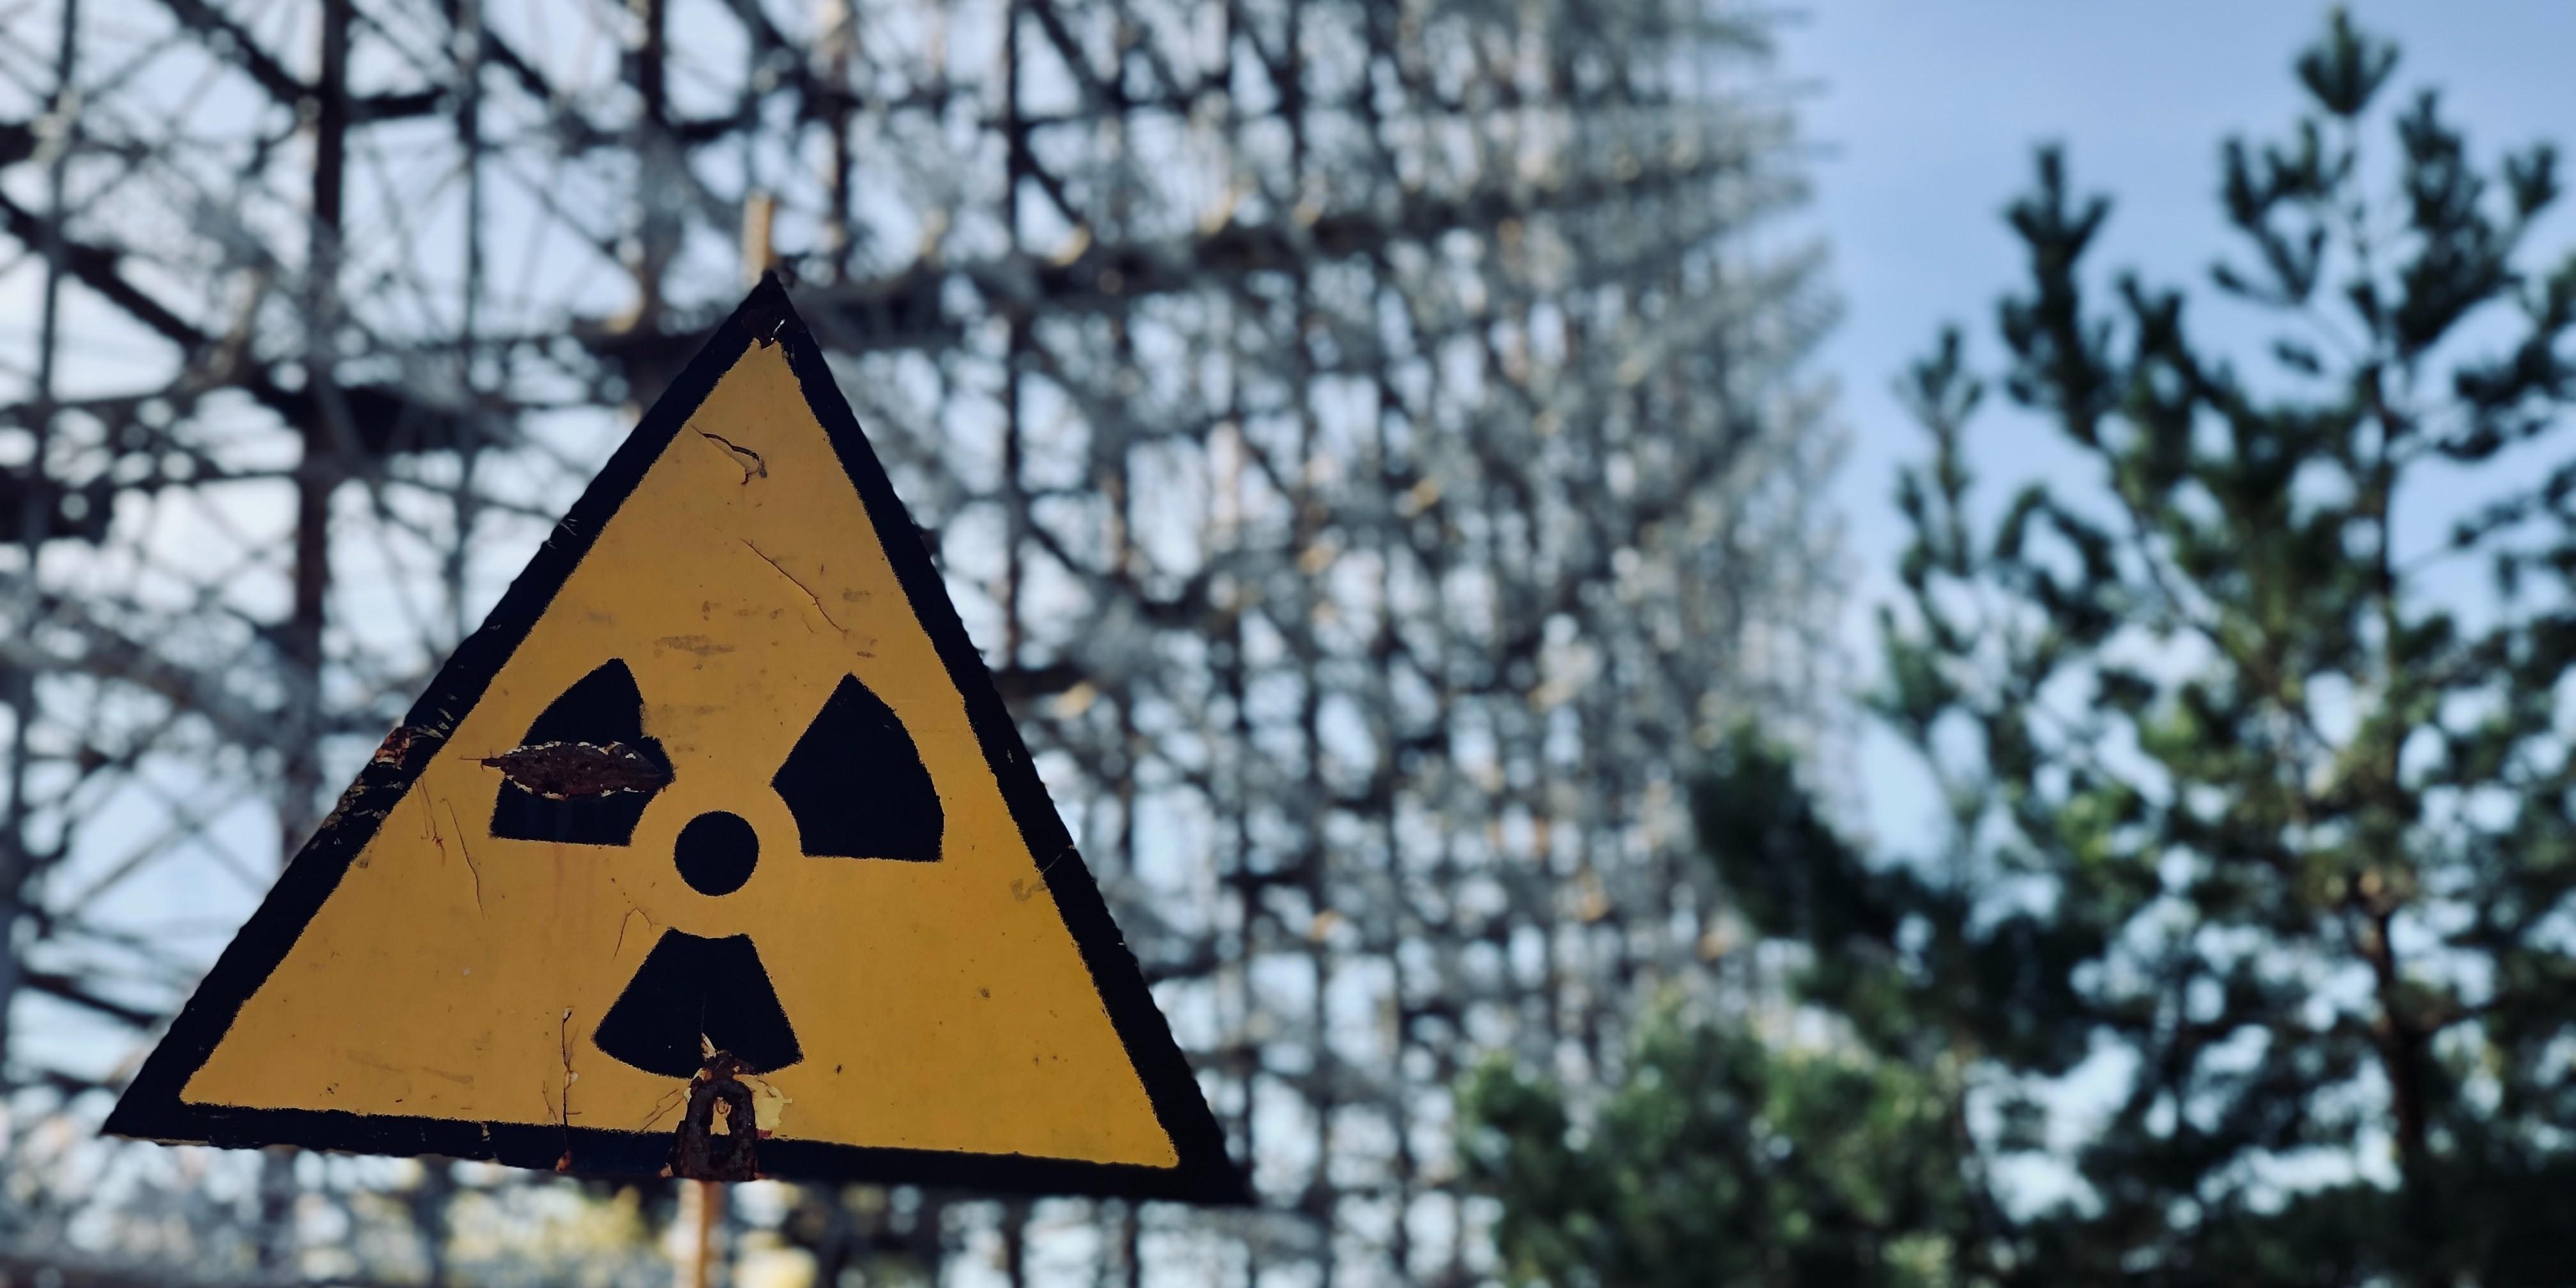 NEVJEROJATNO Japan će izbaciti u more kontaminiranu vodu iz Fukushime